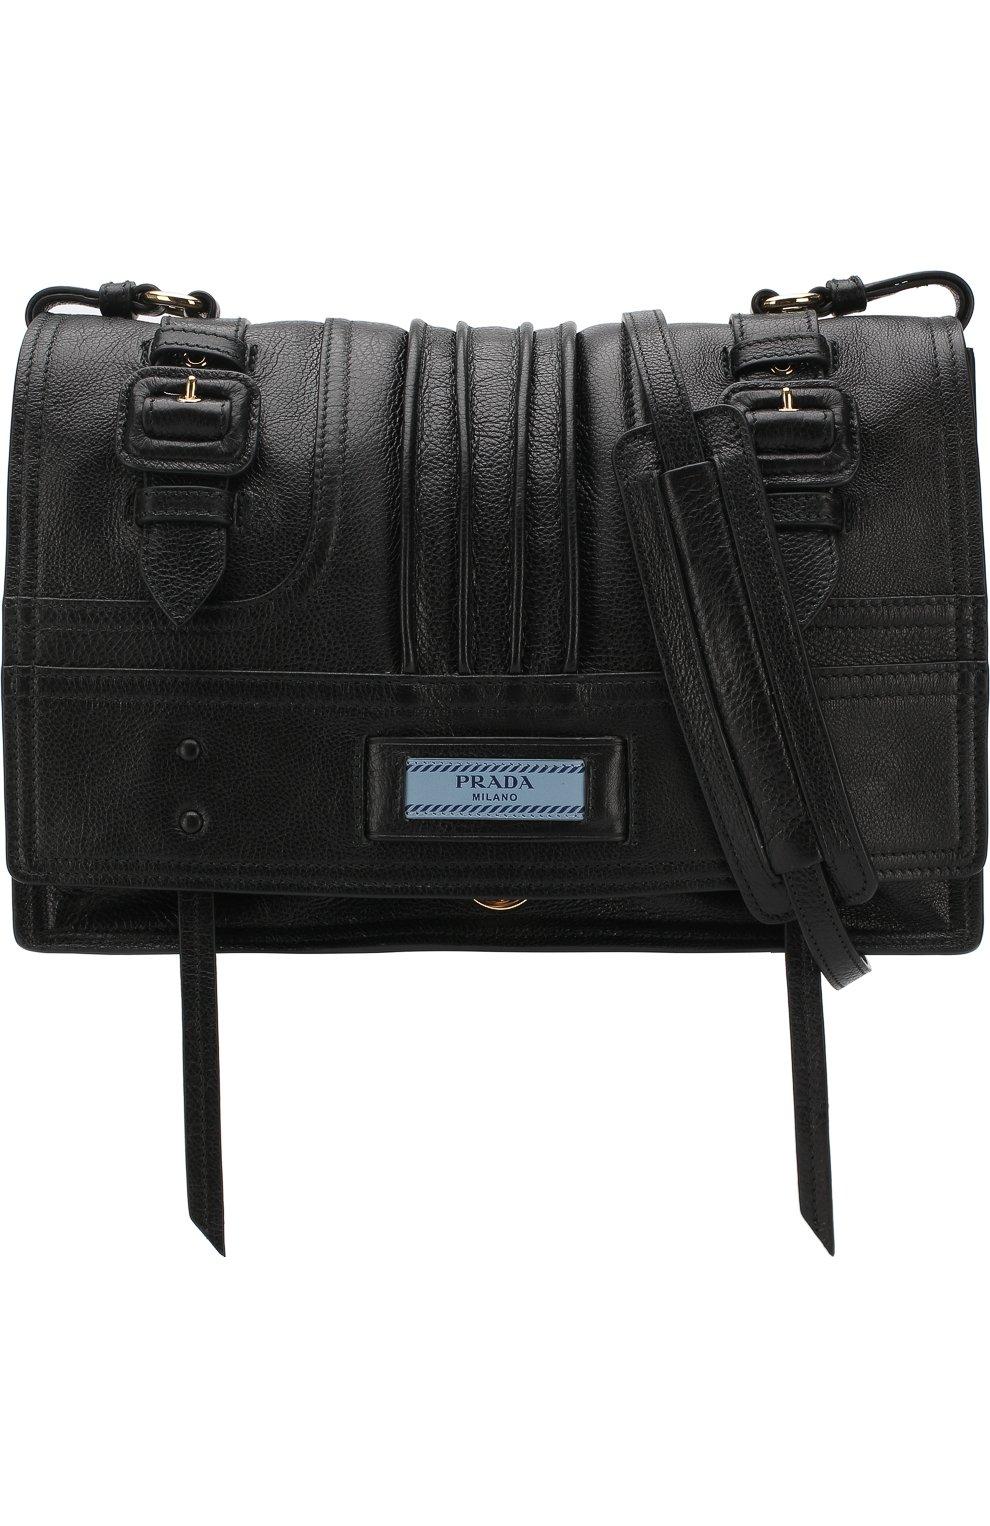 34b35546b291 Женская сумка etiquette PRADA черная цвета — купить за 168500 руб. в ...